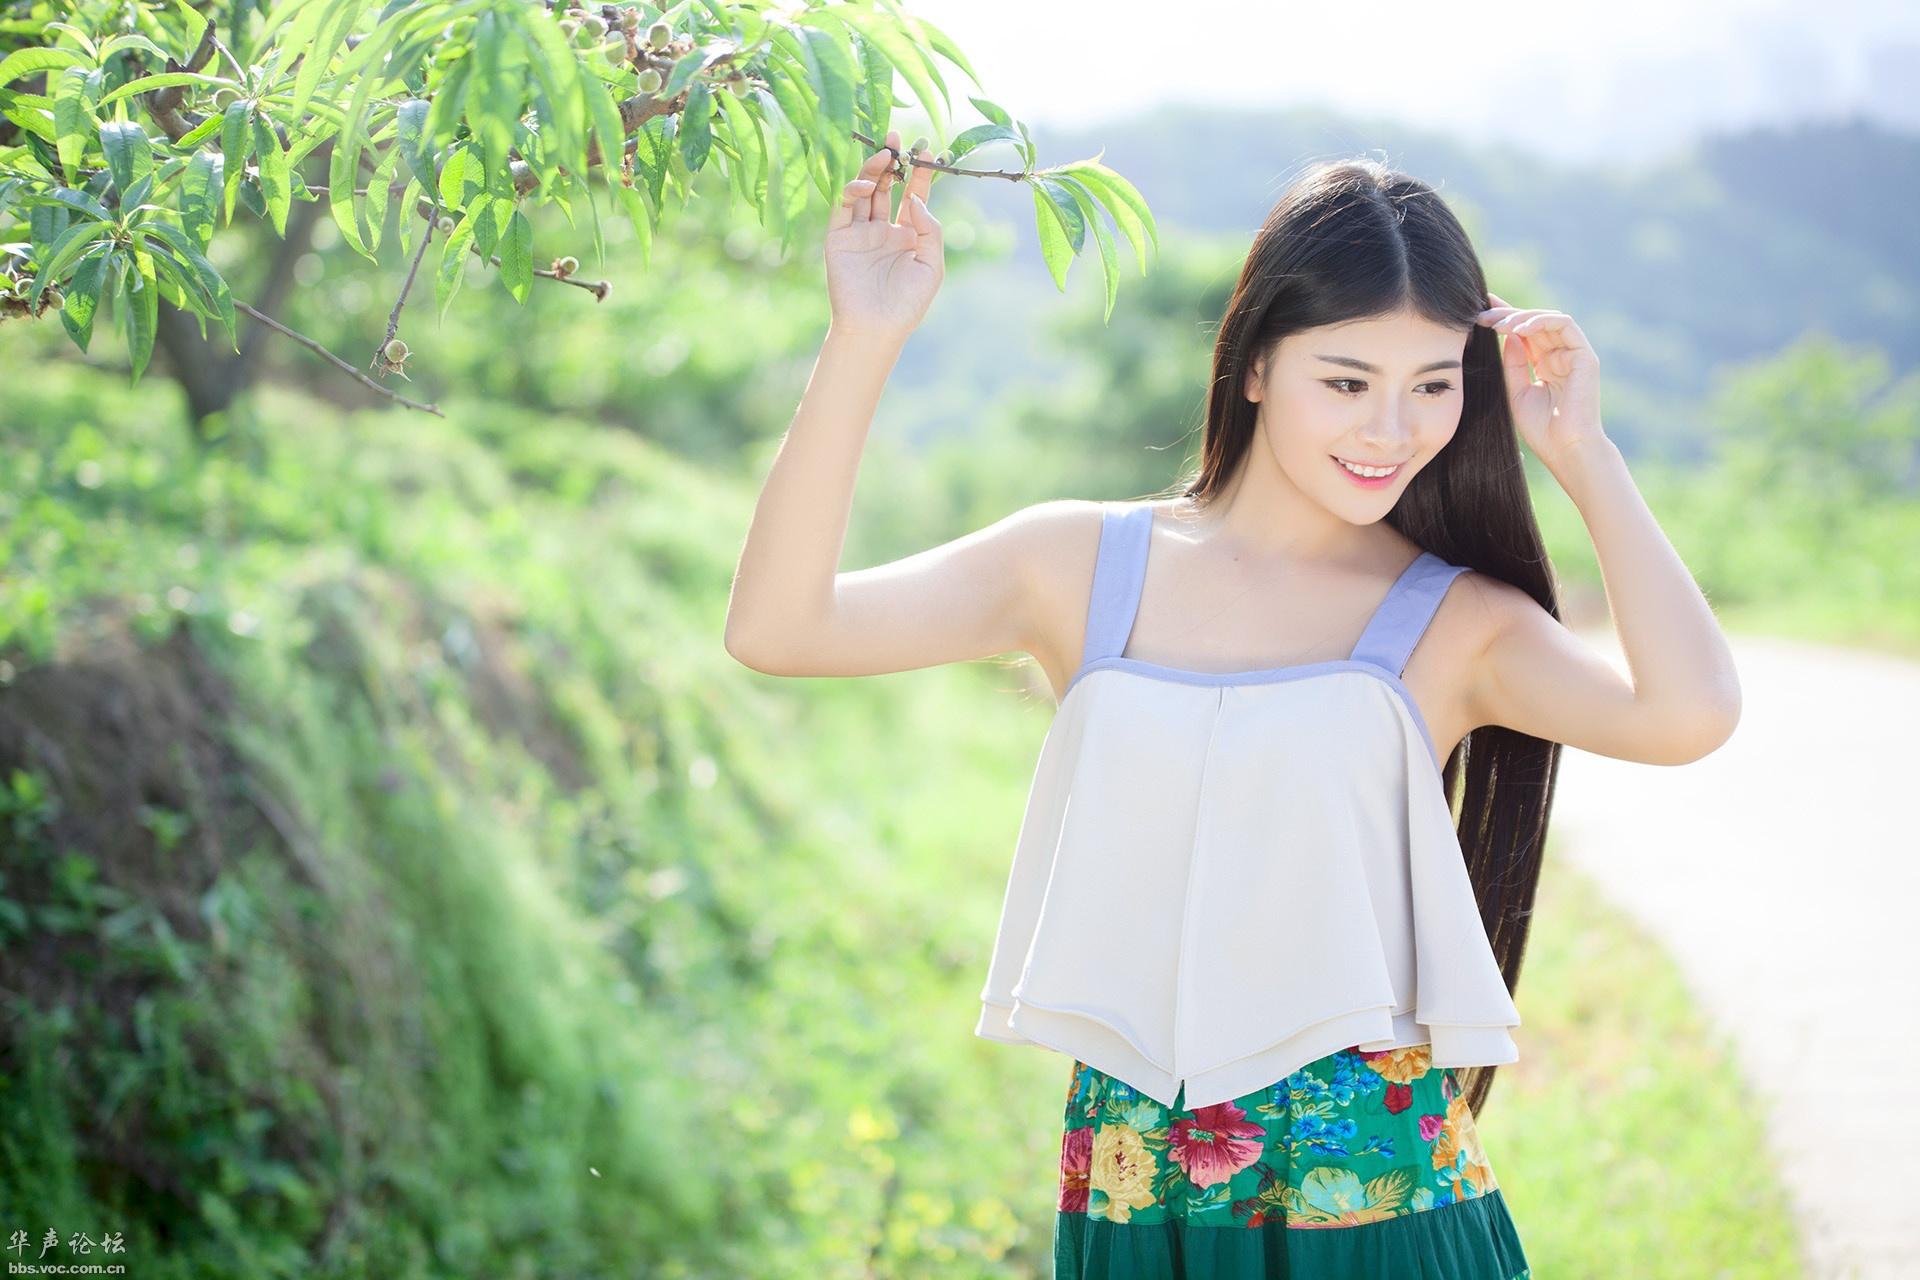 【人物摄影】民国女神黄秋月 - 花仙子 - 花仙子的博客.